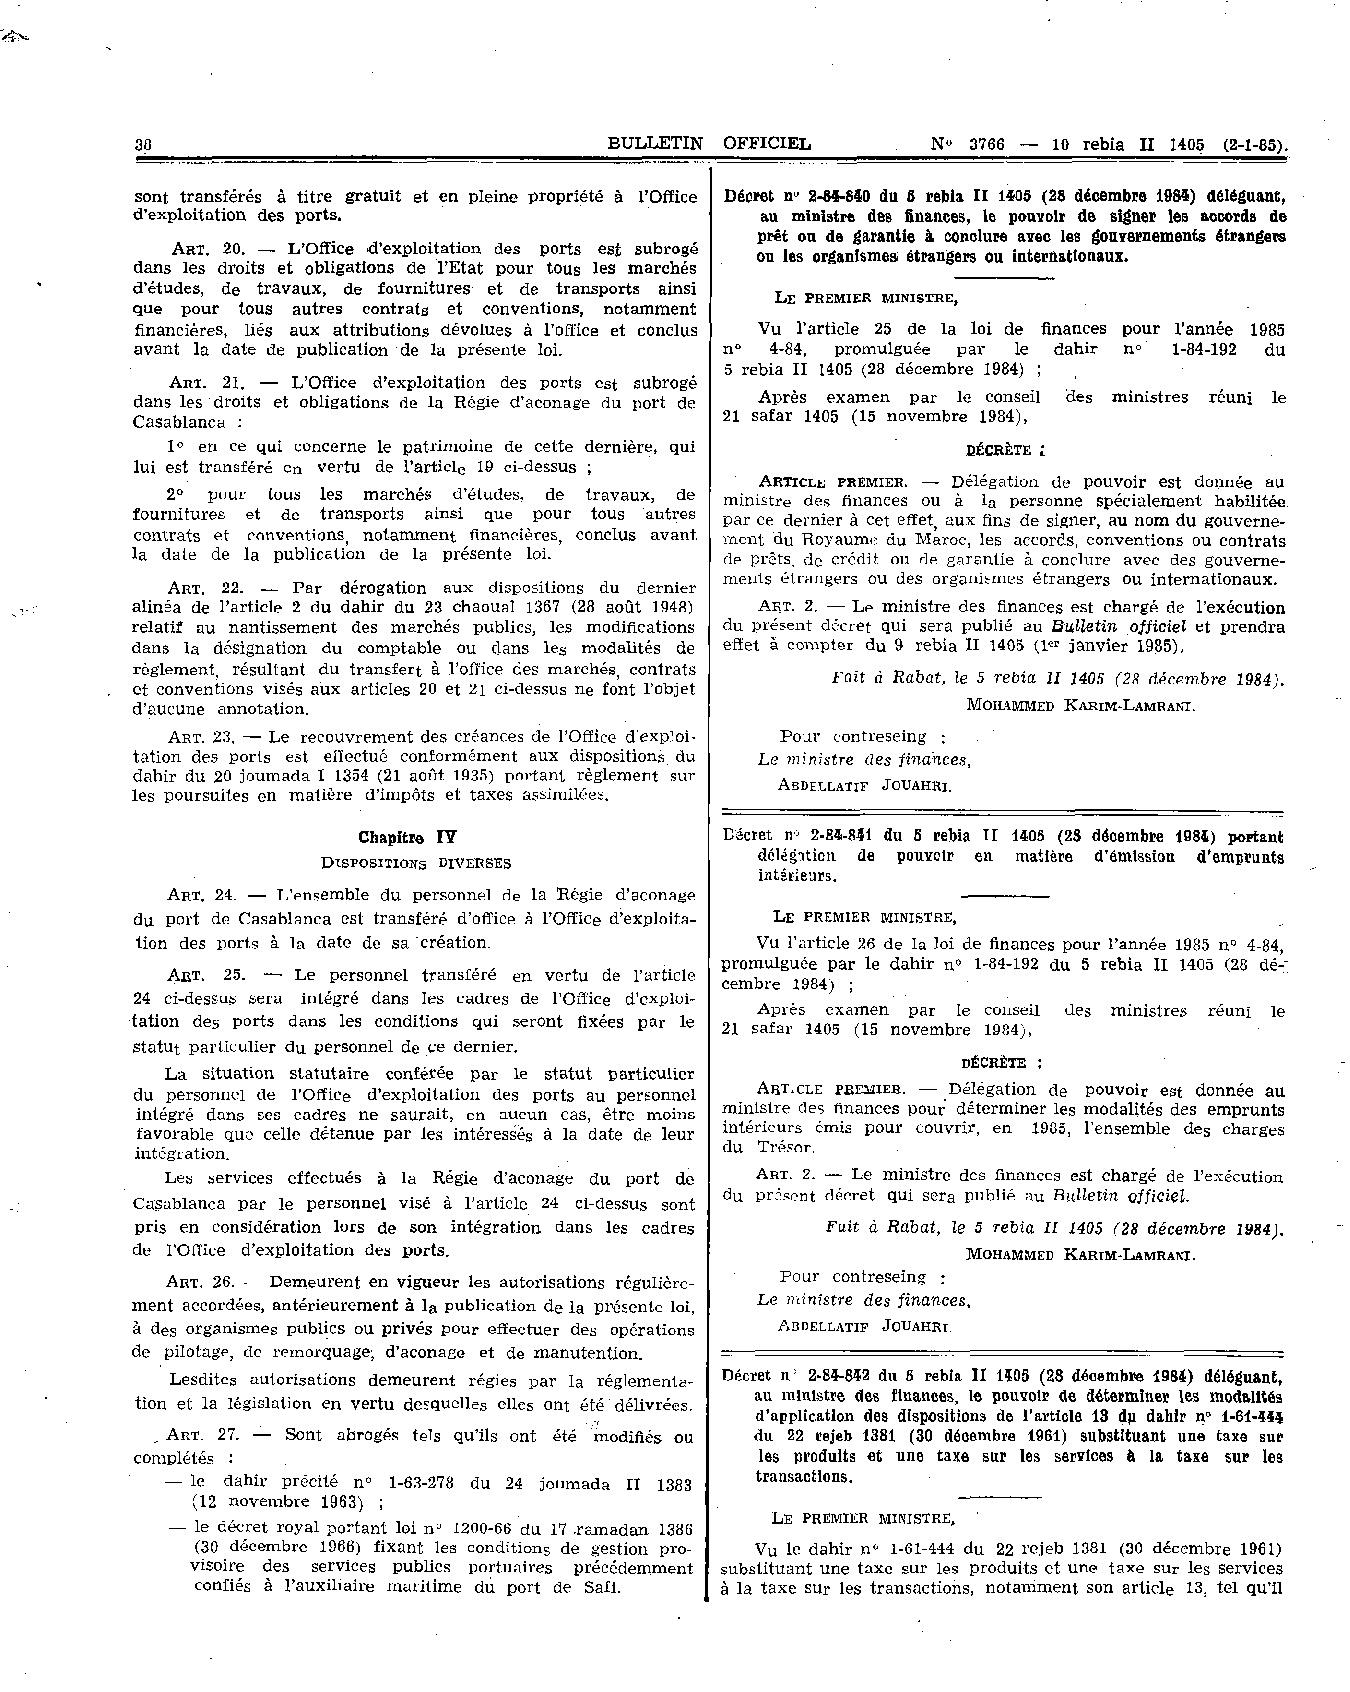 les-prix-maxima-des-acte-et-service-medicaux-dans-le-secteur-prive-038